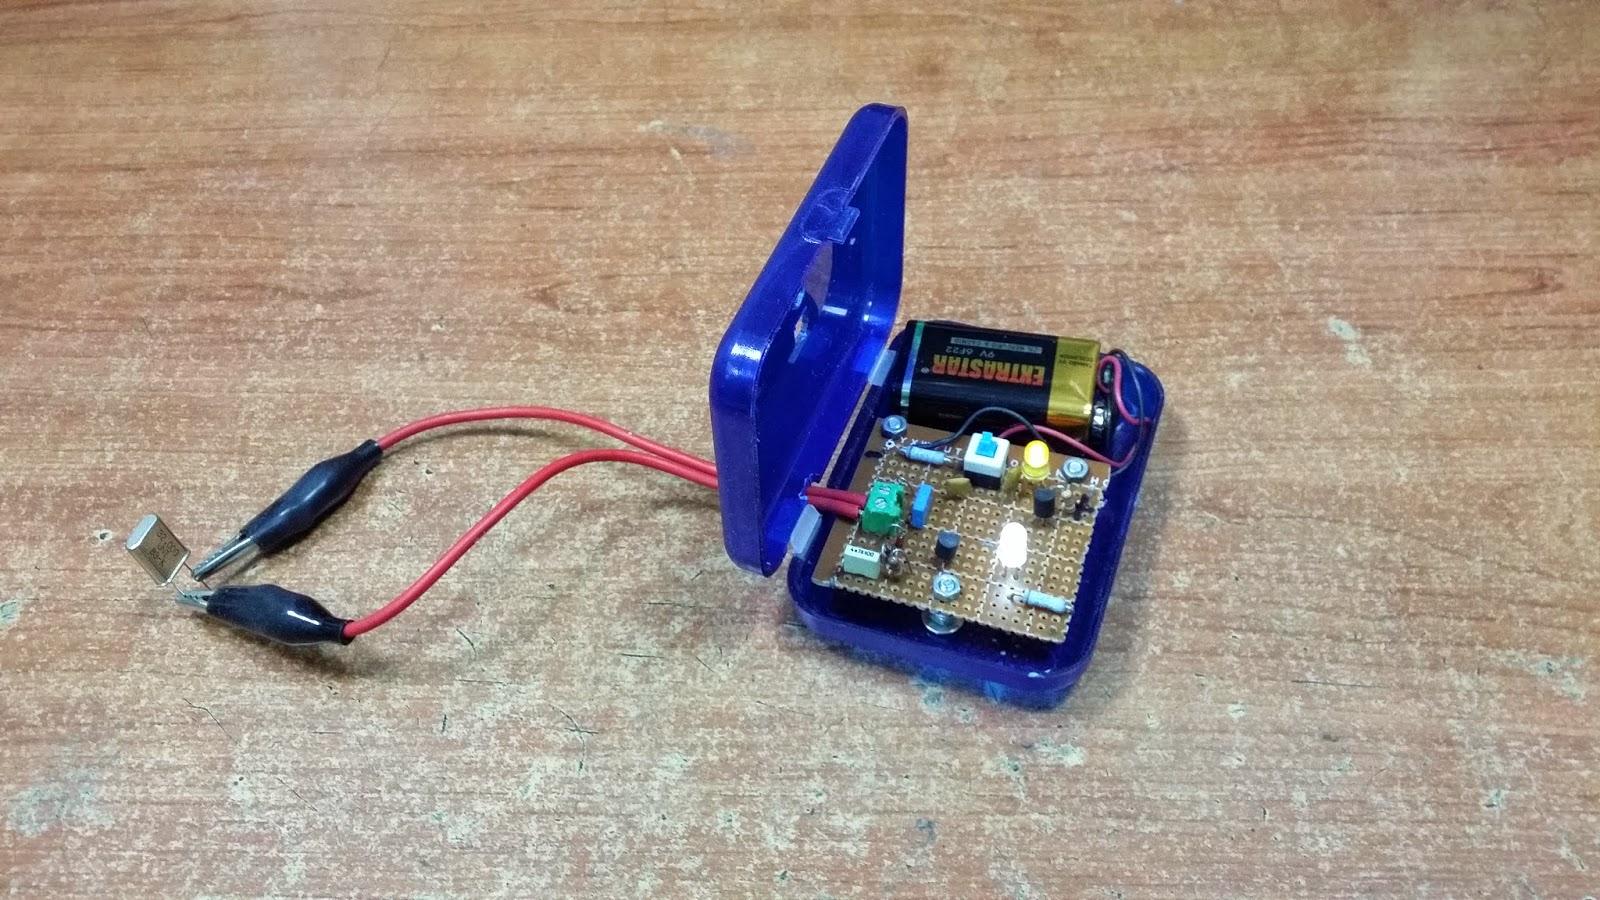 Circuito Bluetooth Casero : Ciencia inventos y experimentos en casa: tutorial electrónica